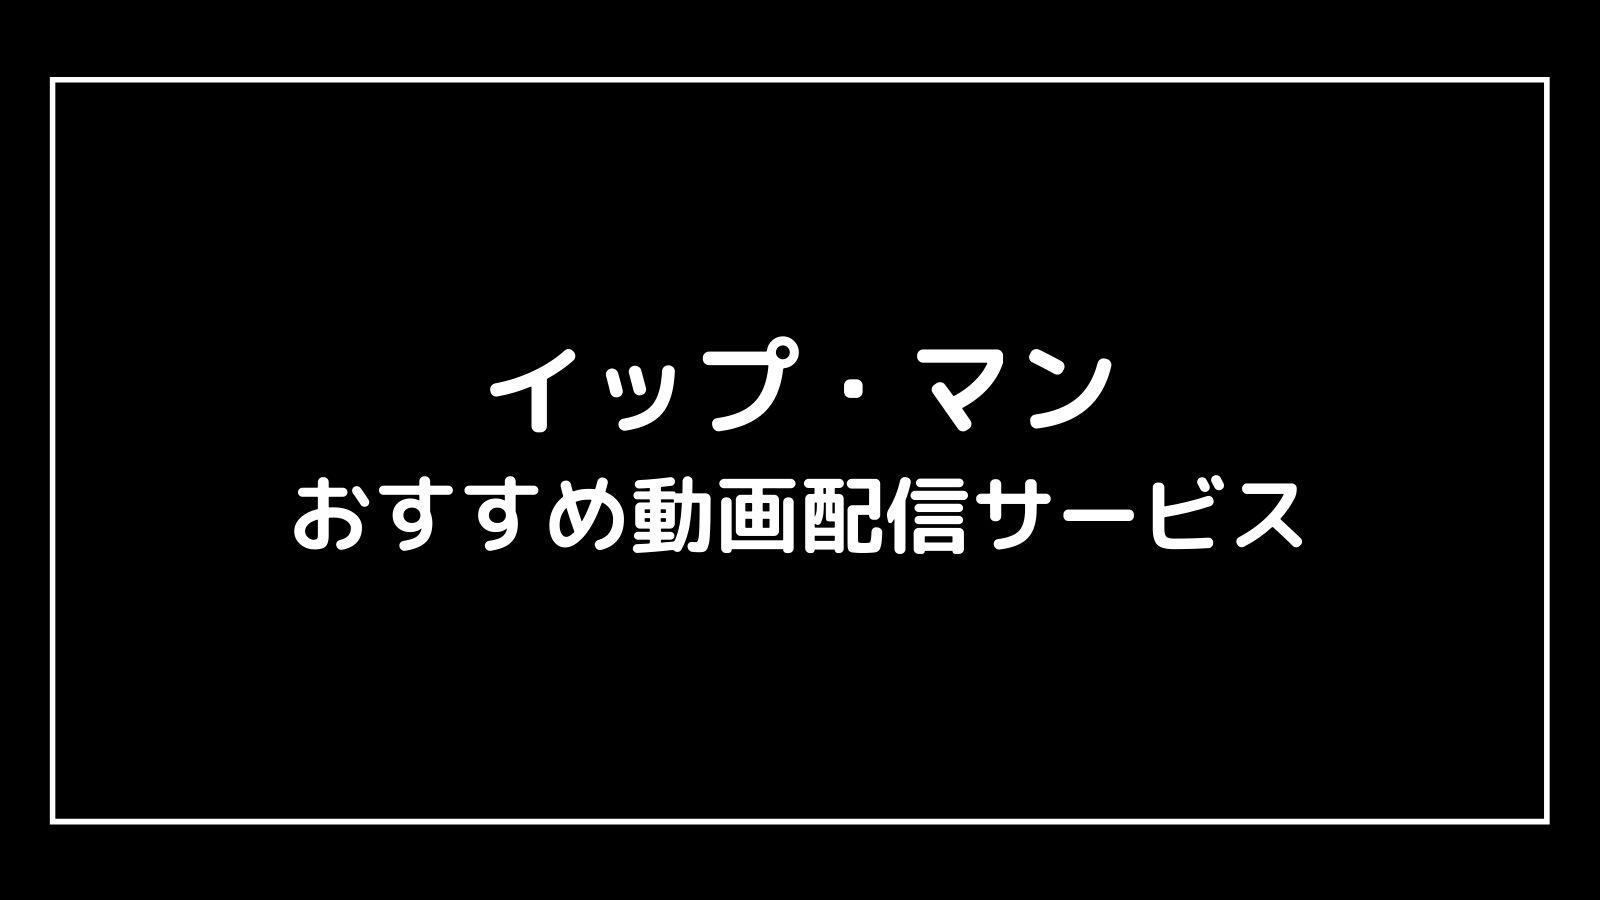 映画『イップ・マン』全4作品を無料視聴できる動画配信サービスまとめ【序章・葉問・継承・完結】